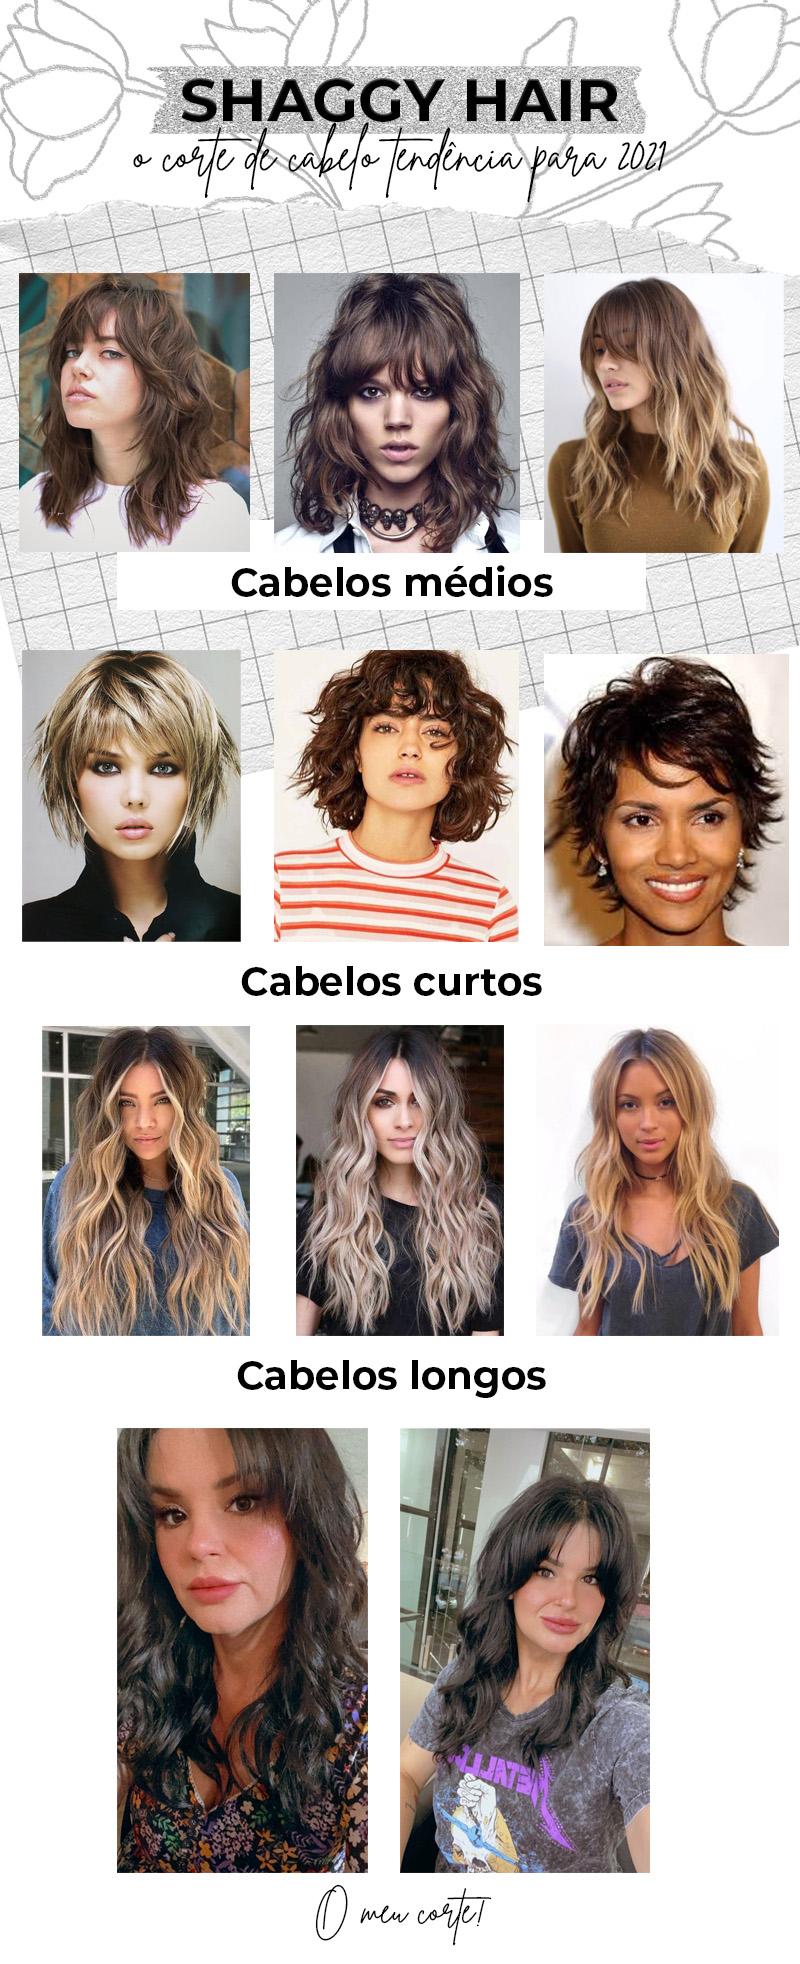 Veja diferentes estilos de shaggy hair: o corte de cabelo feminino tendência para 2021.